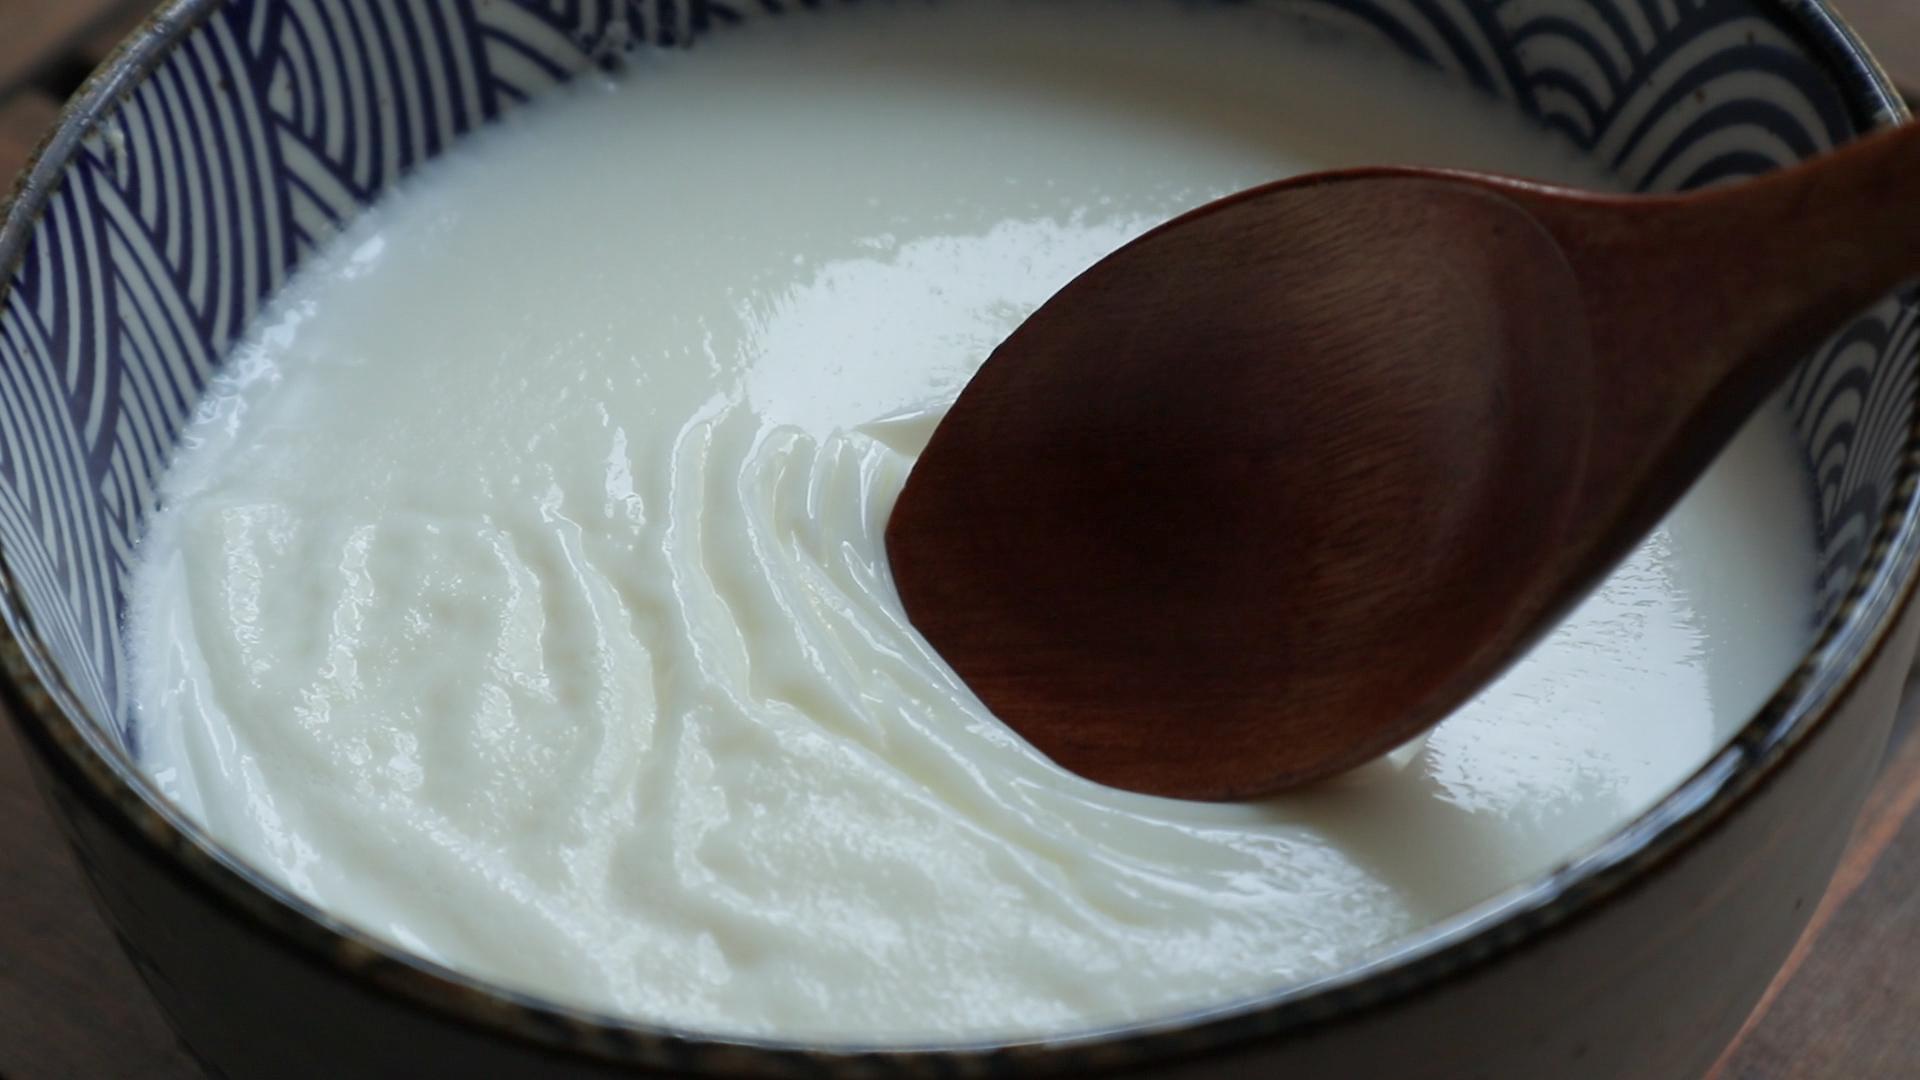 一个鸡蛋,一盒牛奶,教你做好吃的双皮奶,嫩滑细腻,奶香十足